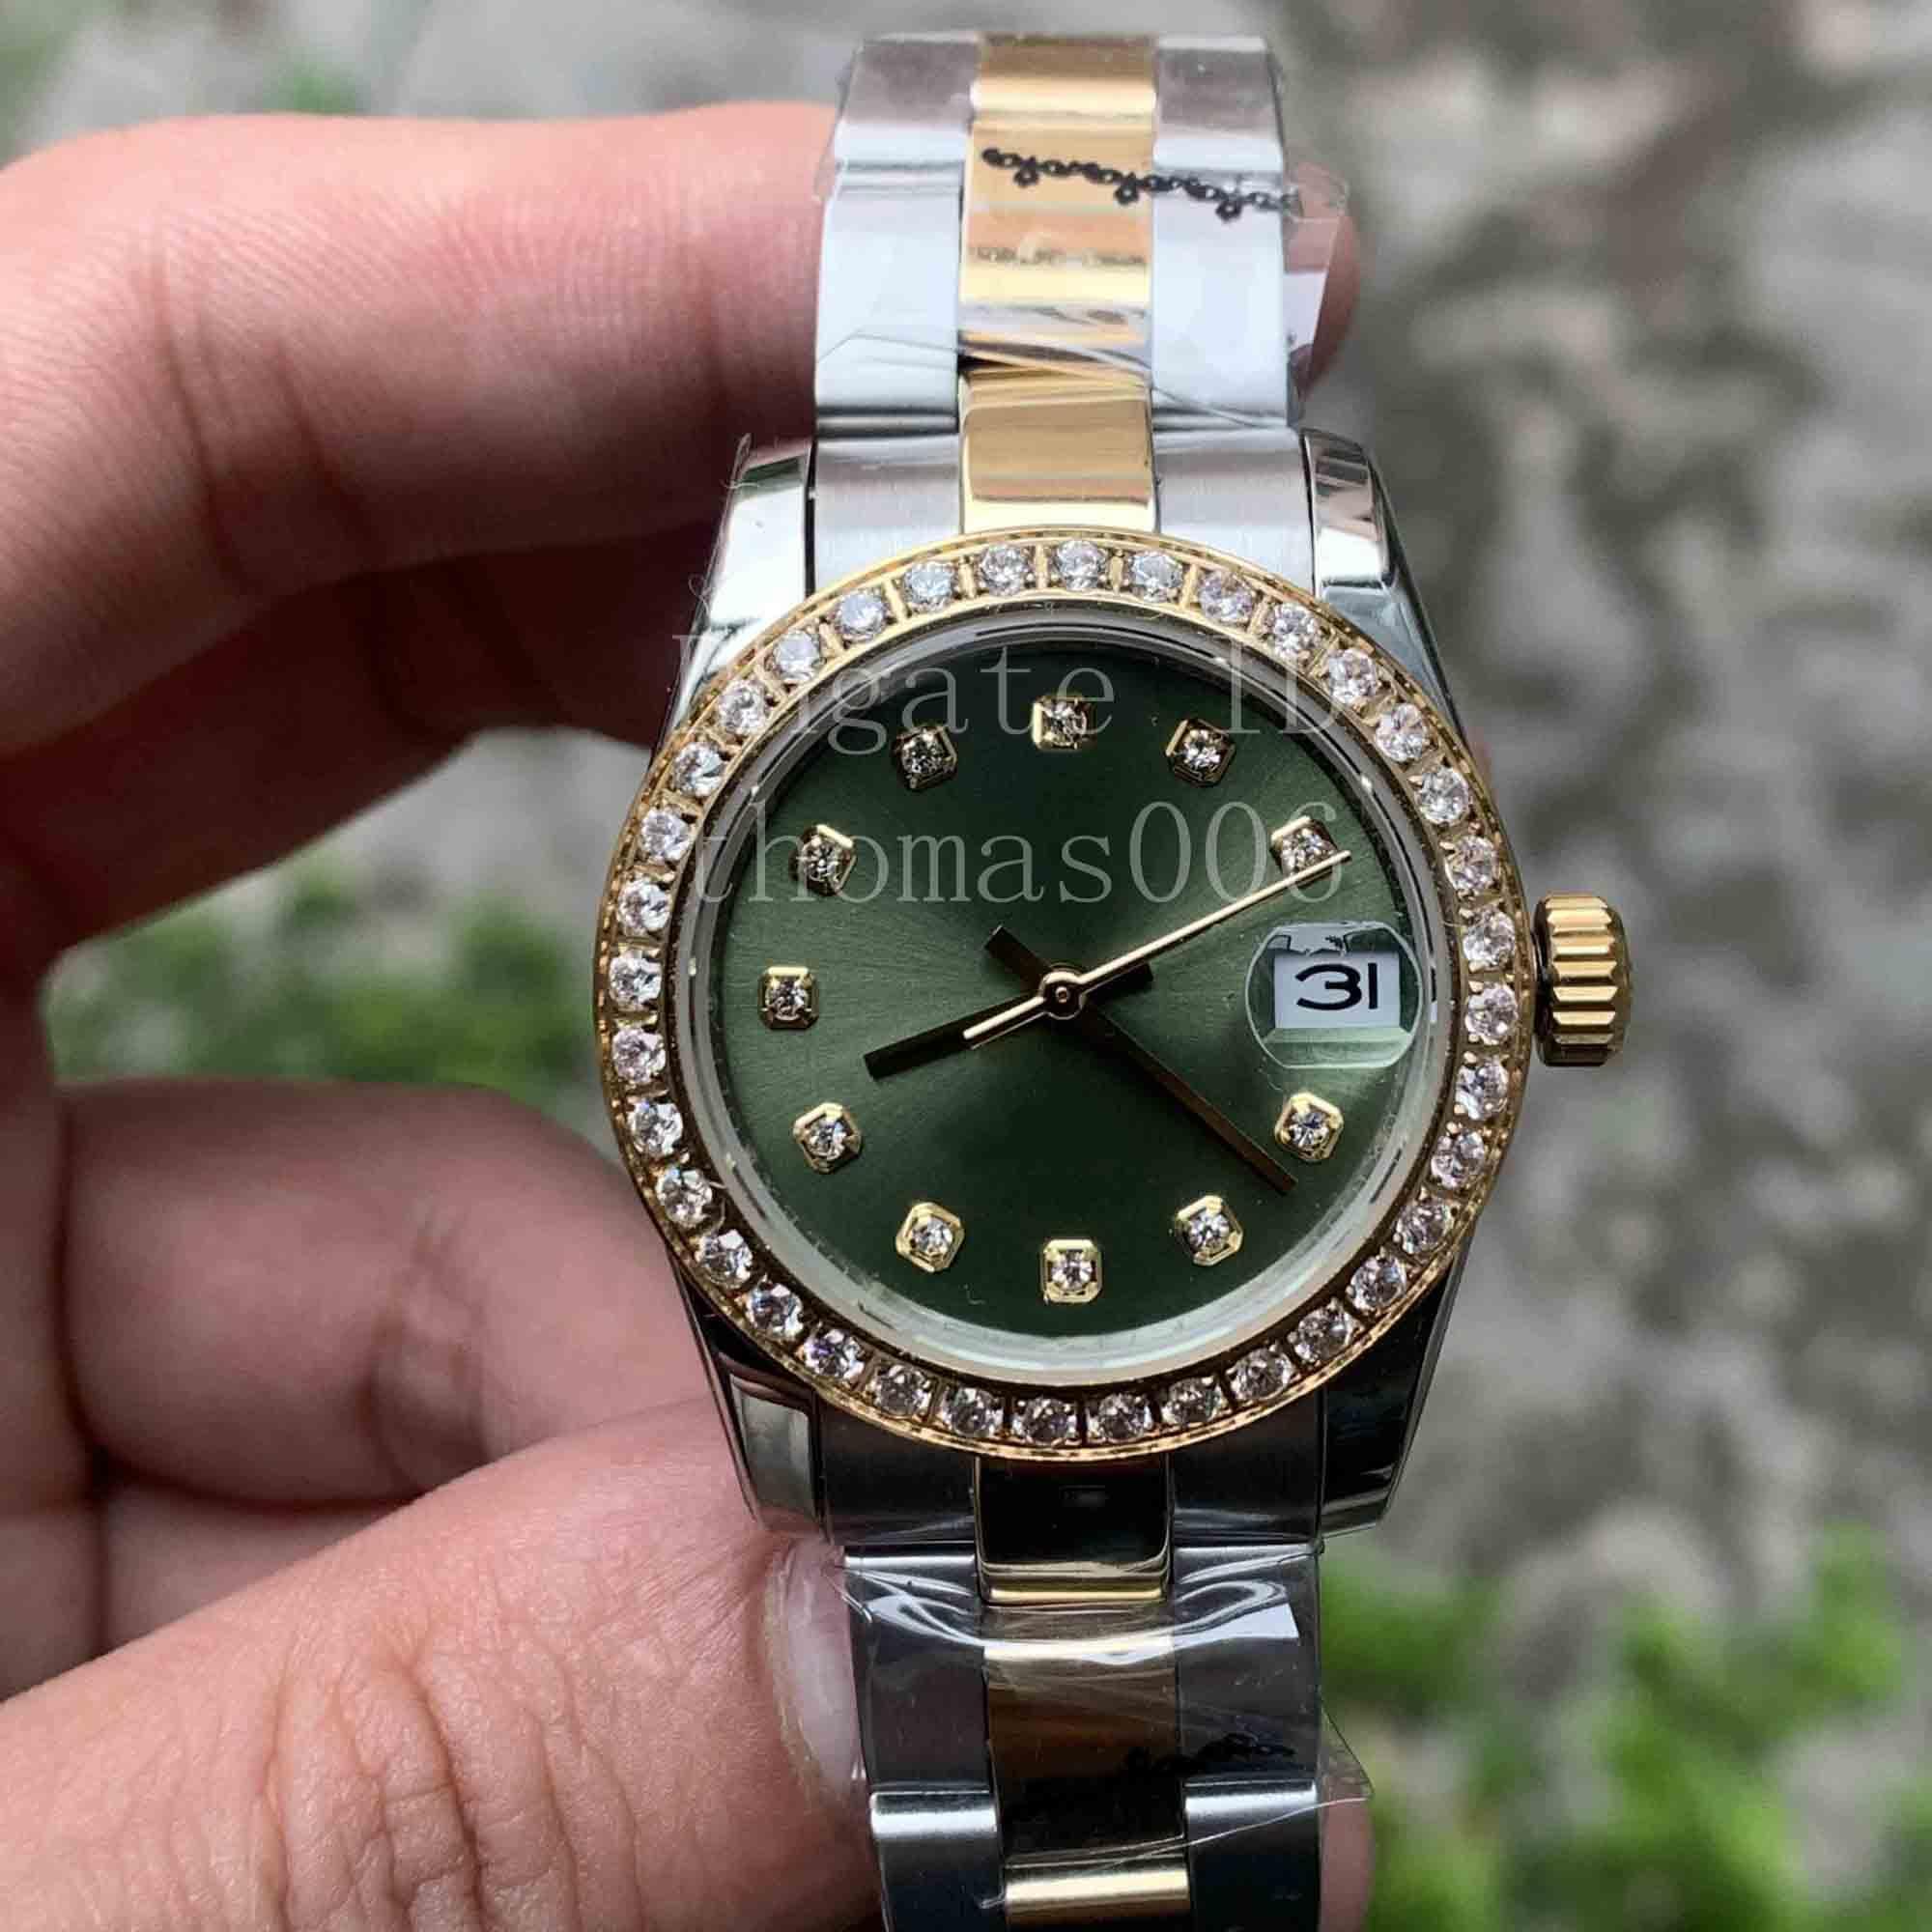 13 스타일 베스트 셀러 고품질 2 톤 골드 대통령 스트랩 다이아몬드 베젤 여성 스테인레스 시계 자동 기계식 시계 31mm